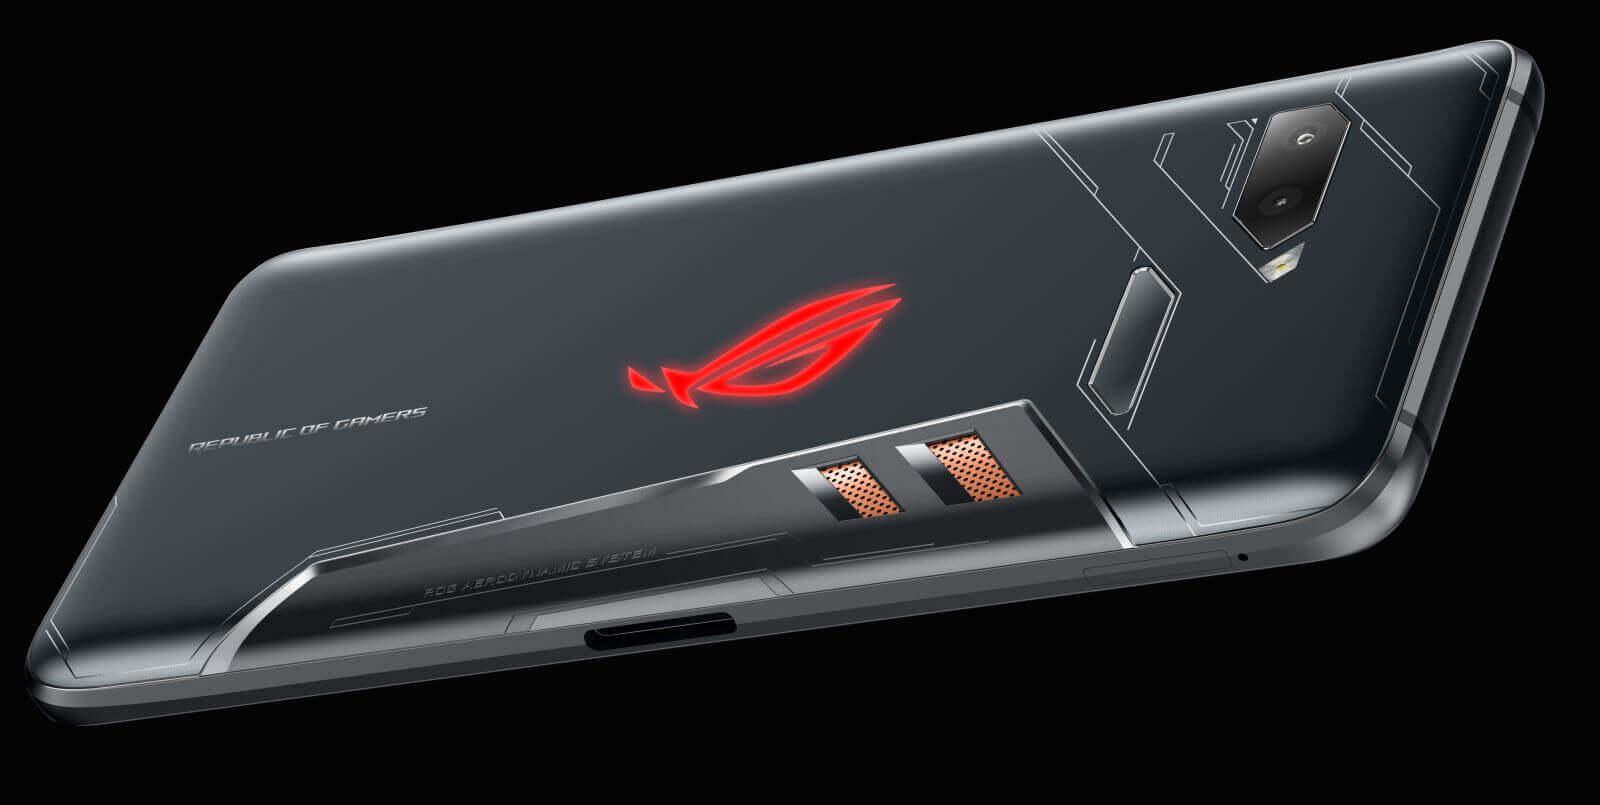 ASUS ROG Gaming Phone Dengan Spesifikasi Gahar Siap Memanjakan Para Gamer Android